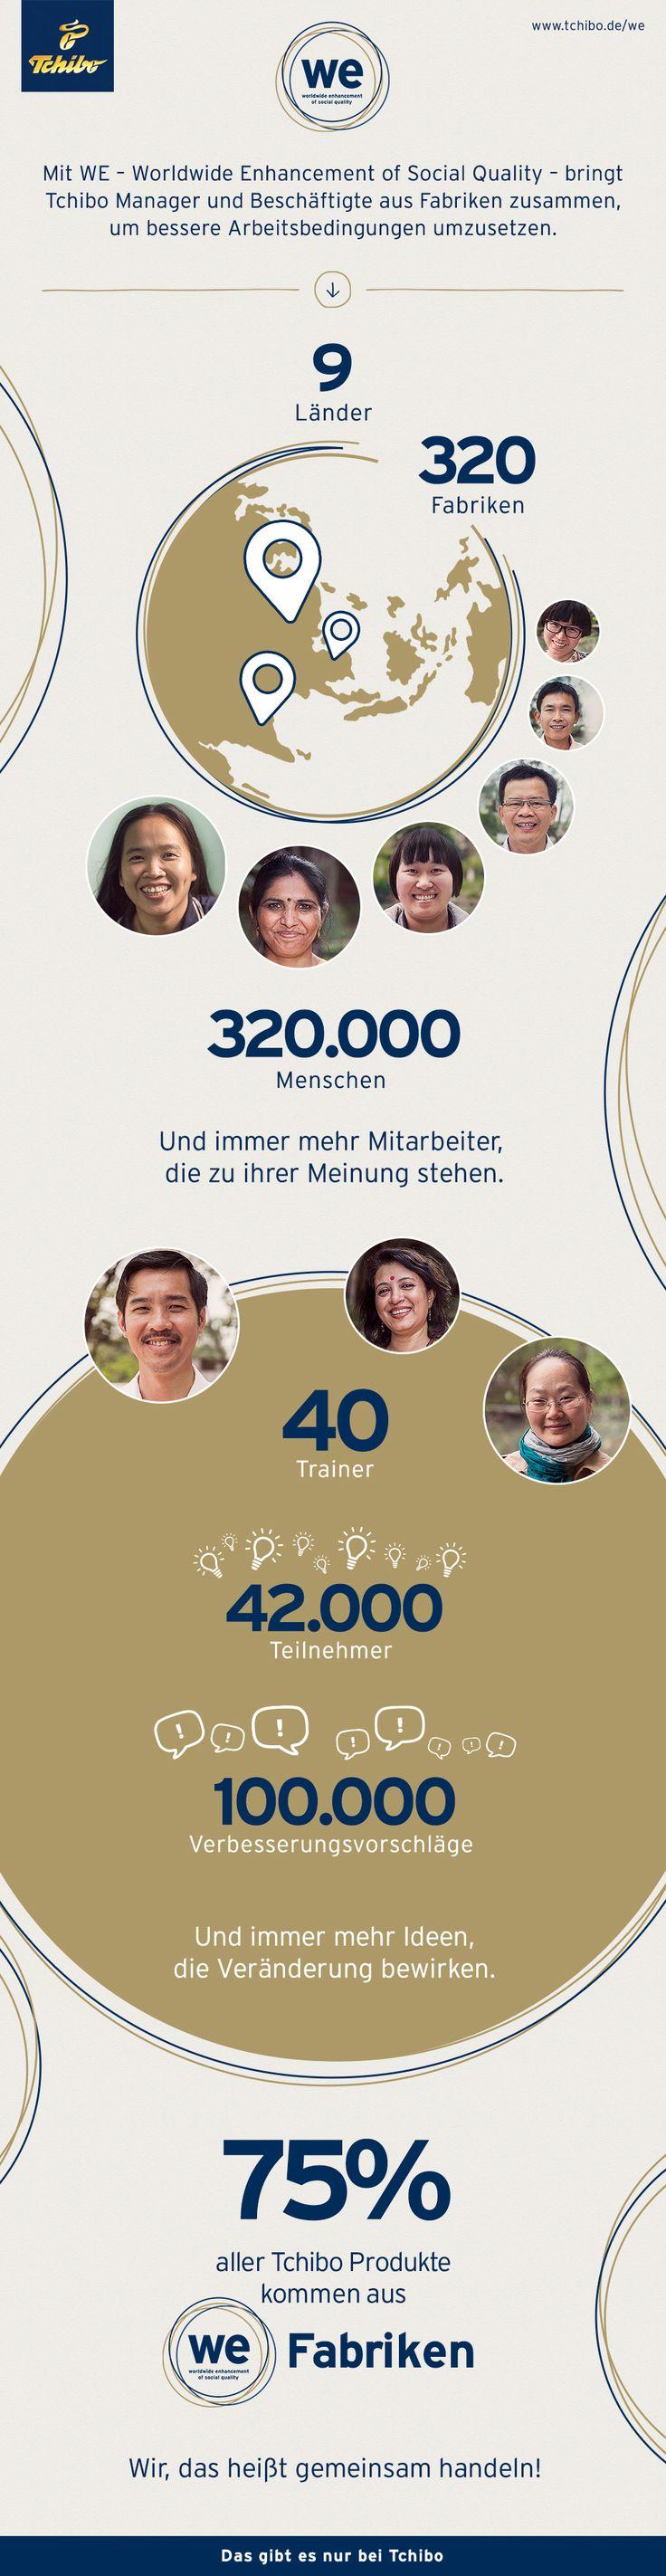 Vor 8 Jahren startete Tchibo das WE Programm. Gemeinsam erarbeiten Fabrikarbeiter und Manager Lösungen für bessere Arbeitsbedingungen.  Mehr Informationen auf http://www.tchi.bo/WE_Programm